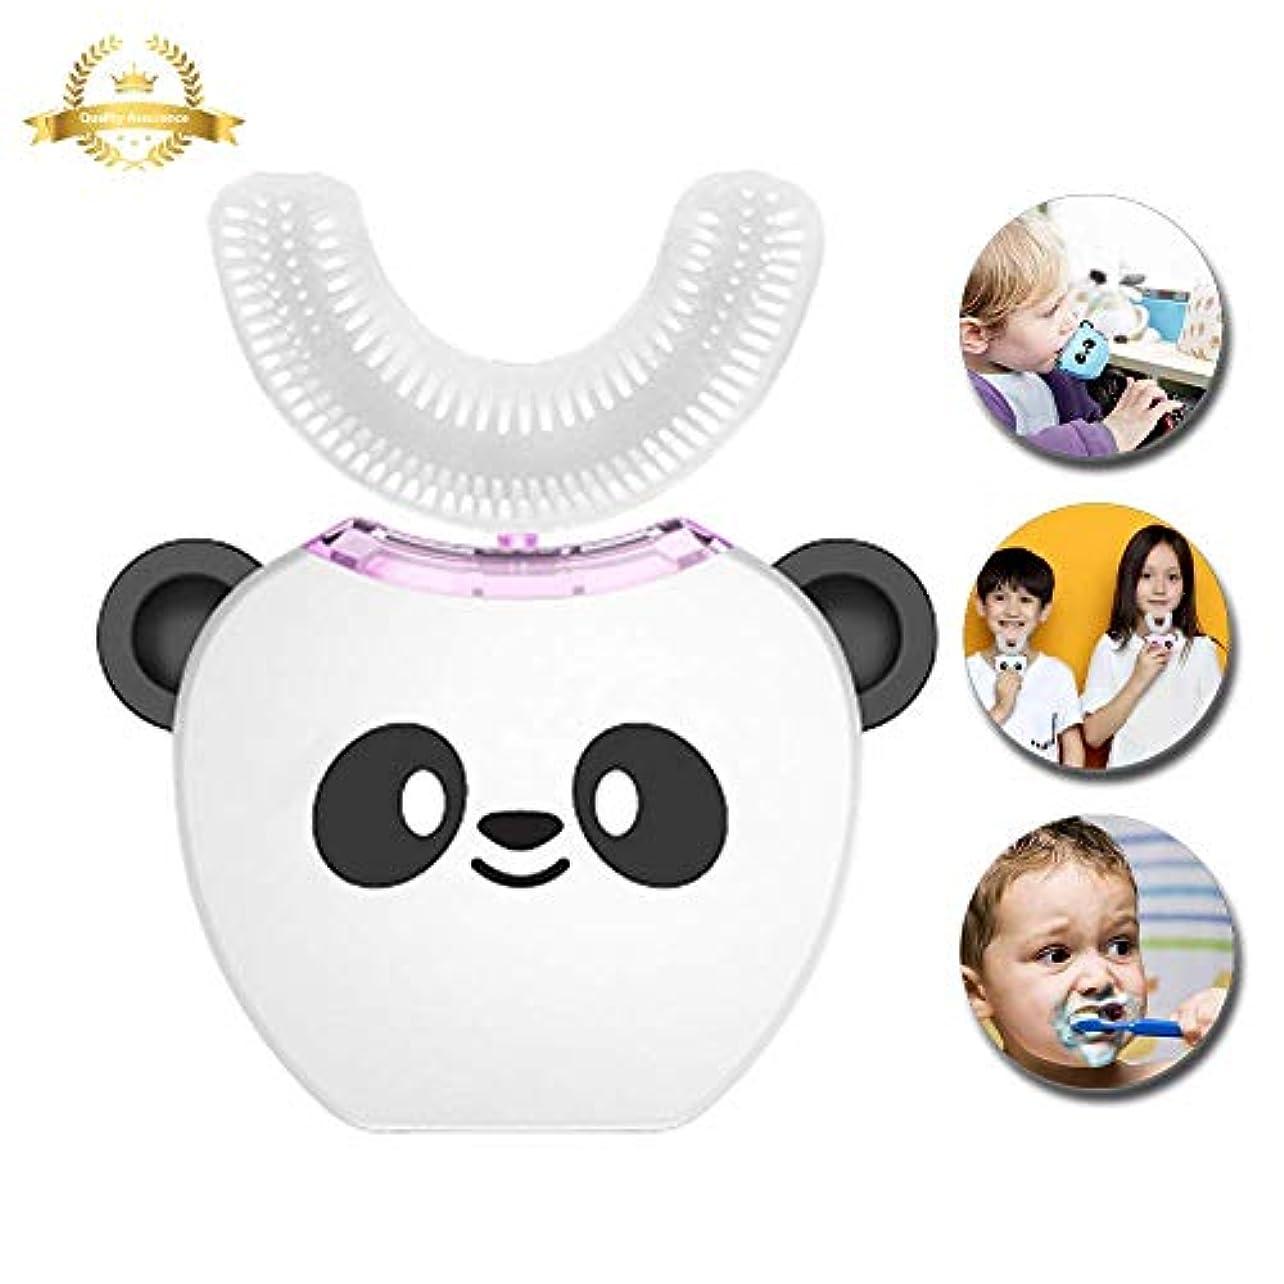 囲い悪性ラッチV-white 電動歯ブラシ こども用 超音波振動360°オールラウンドクリーニング、充電式 (ホワイト)